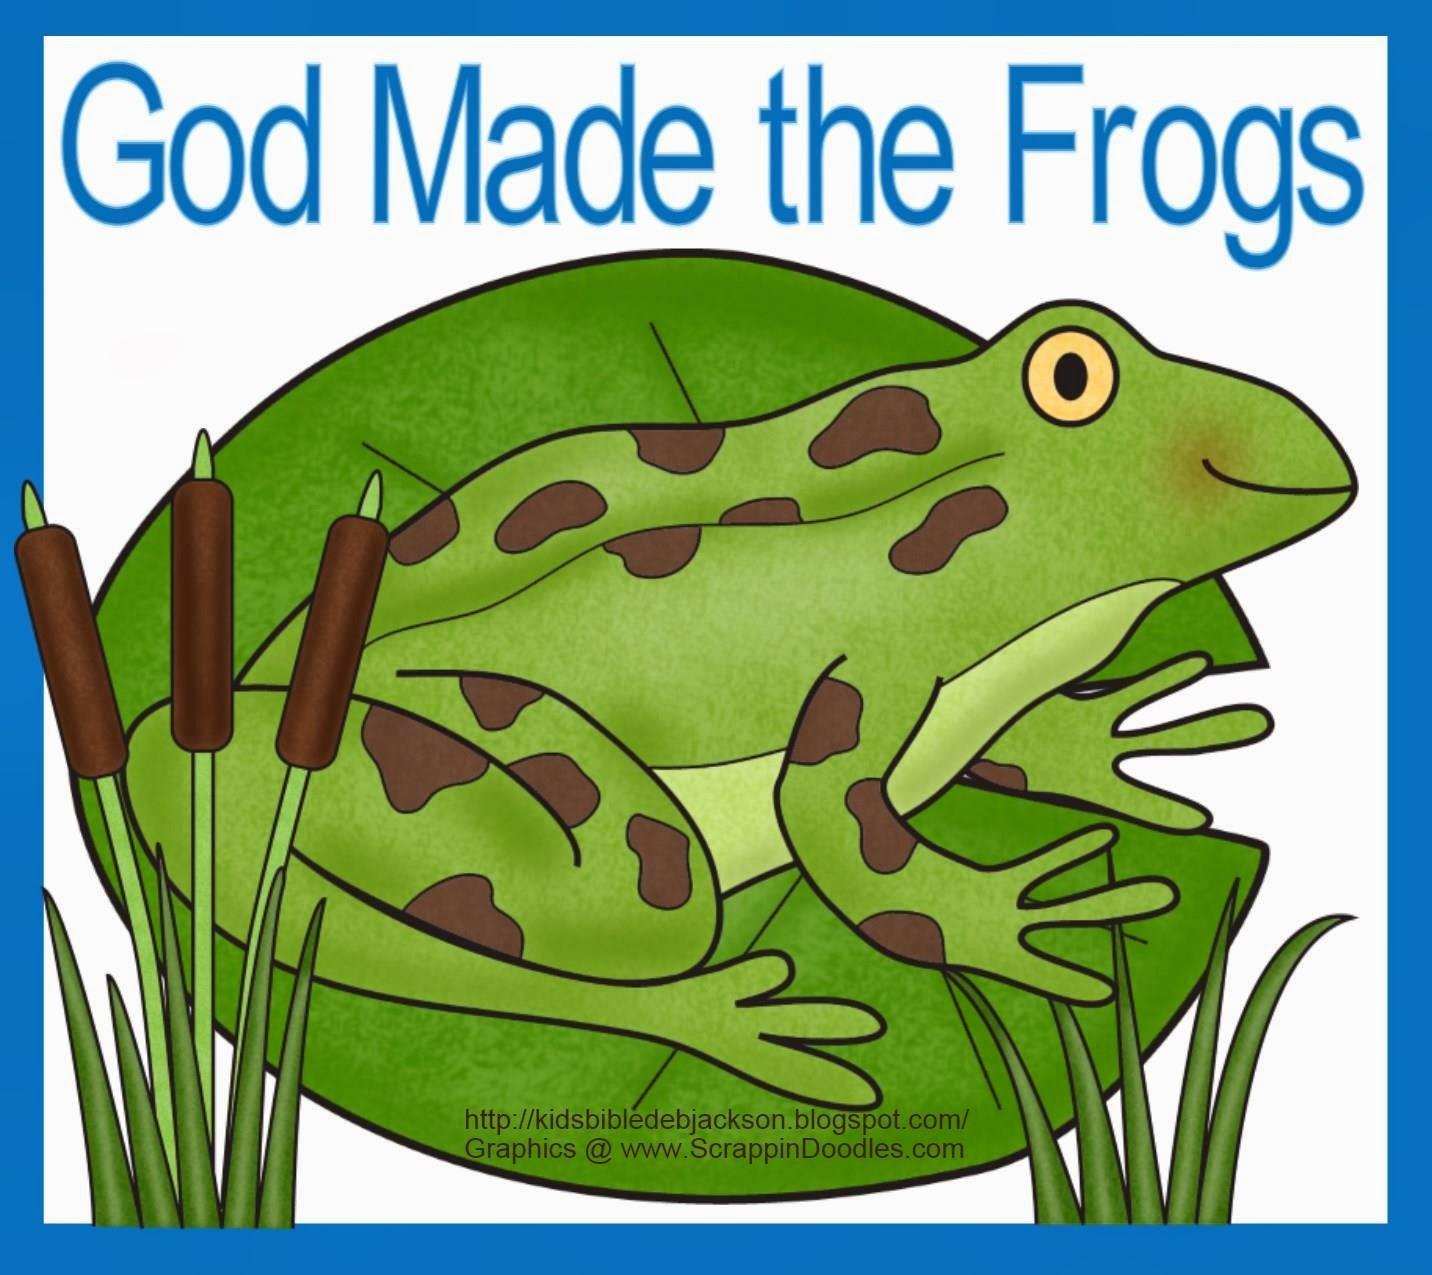 http://kidsbibledebjackson.blogspot.com/2014/01/god-makes-frogs-for-preschool.html